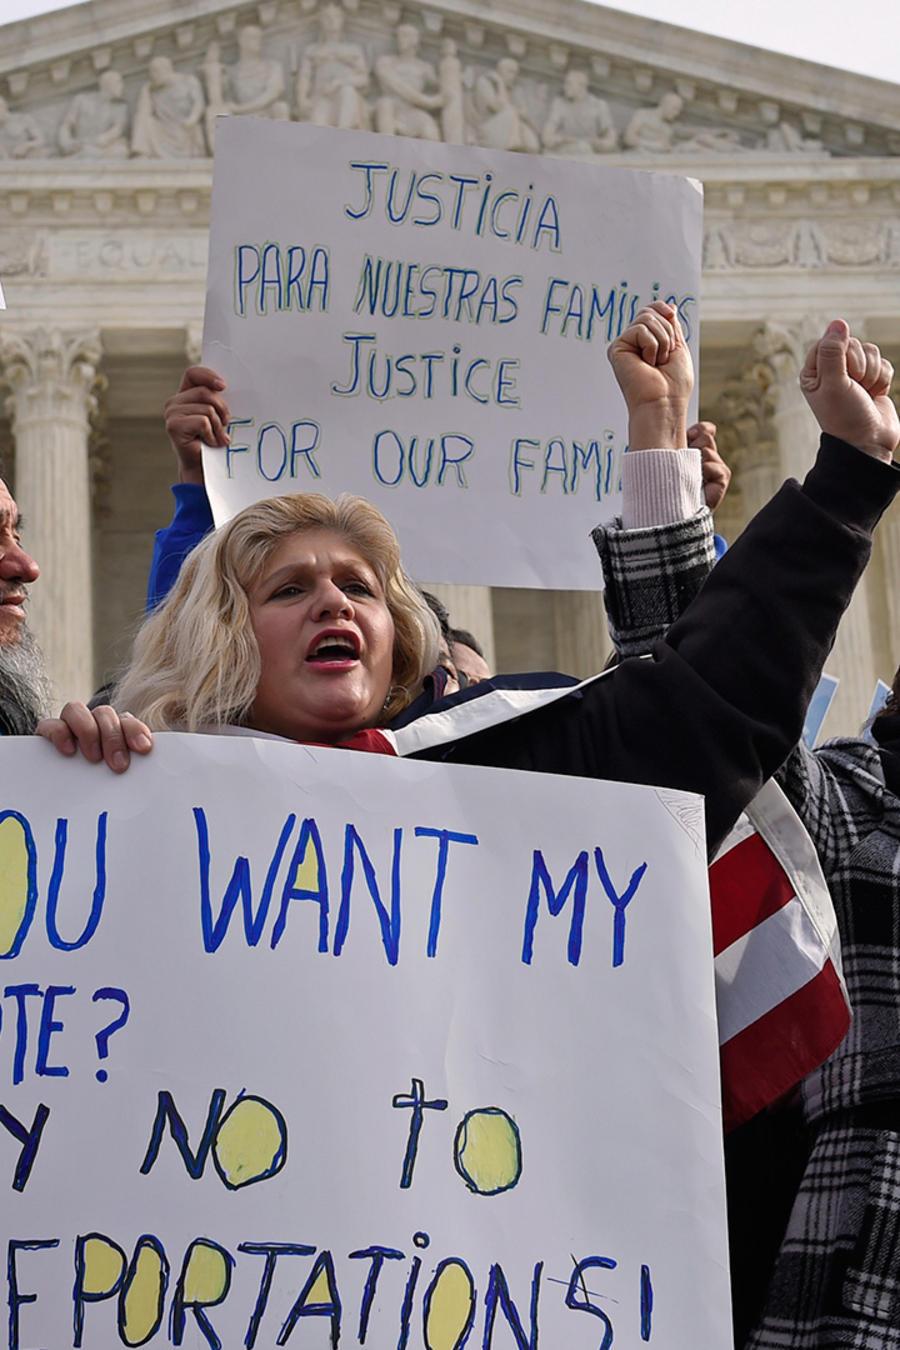 Miembros de la agrupación CASA de Maryland se manifiestan frente a la Corte Suprema en Washington el 15 de enero